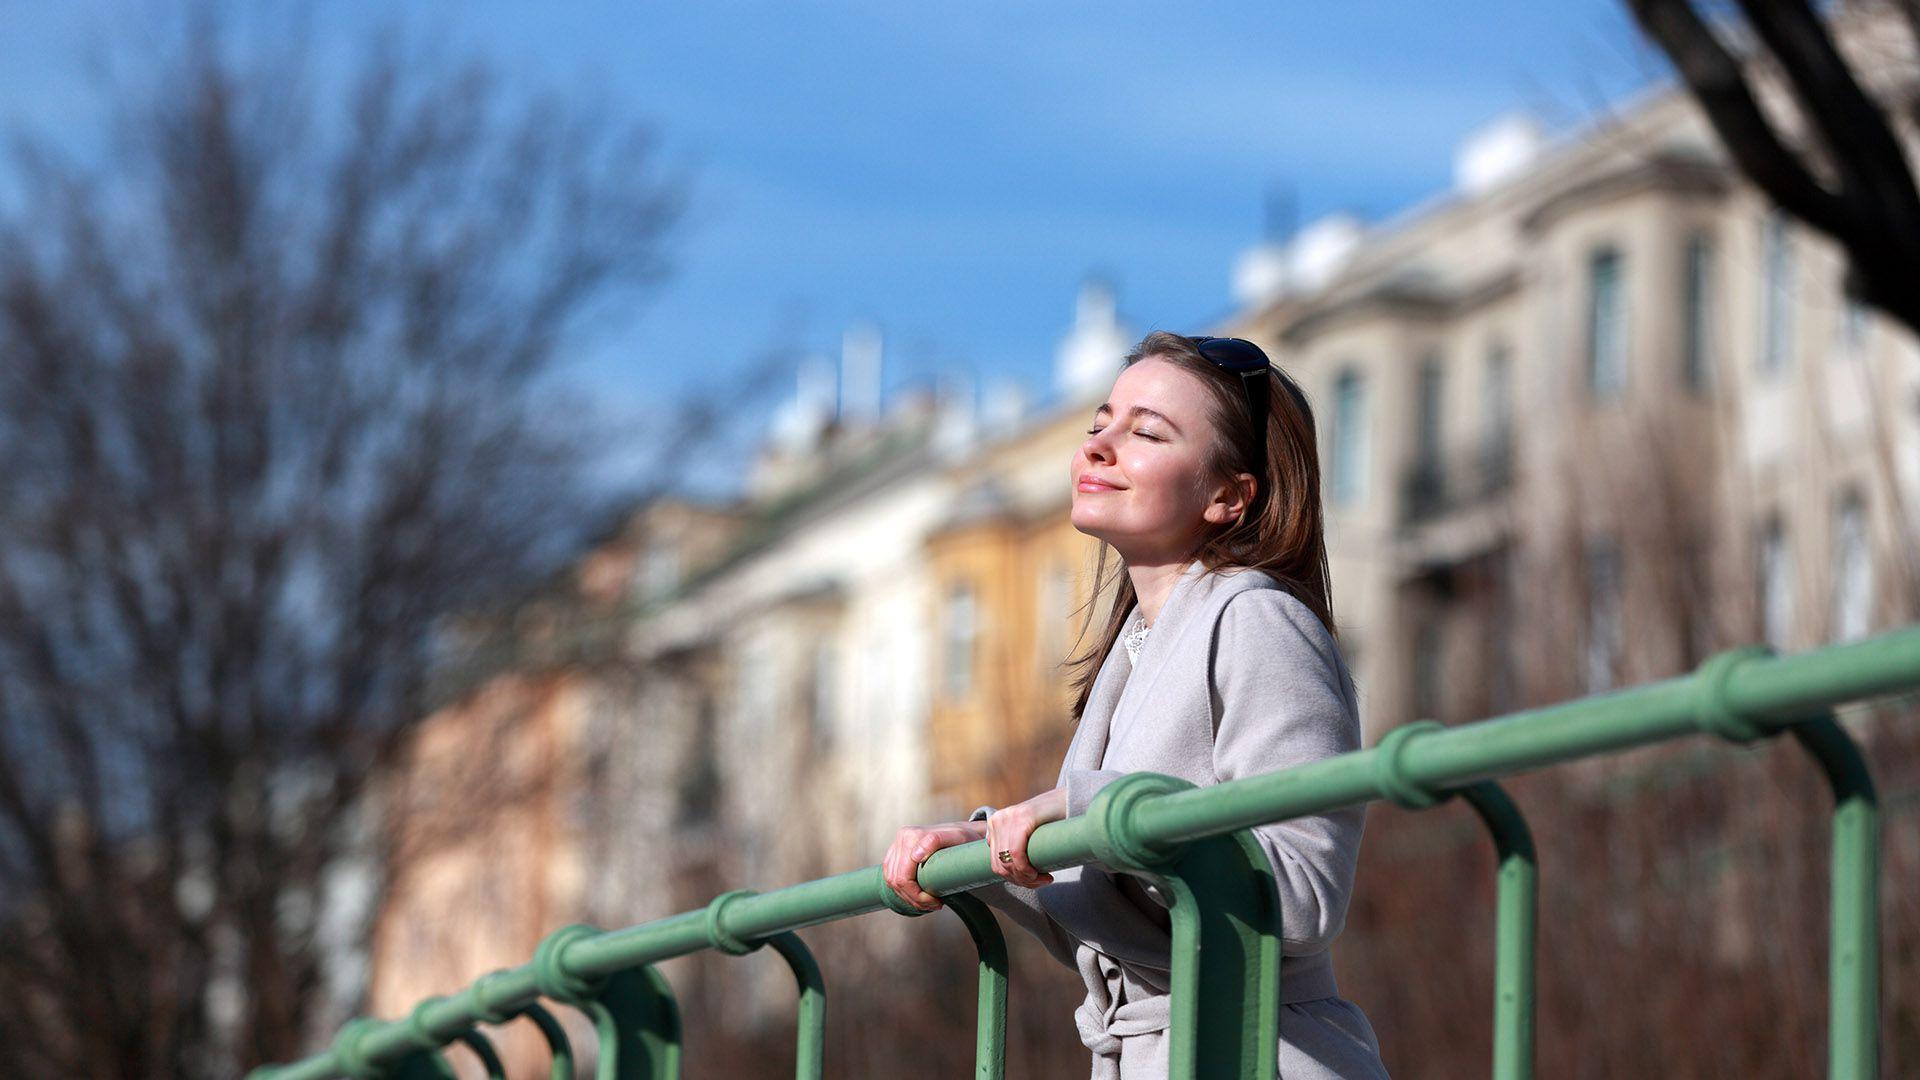 Existen grupos de riesgo, que son los más sensibles y quienes deben cuidarse más del sol (Shutterstock)